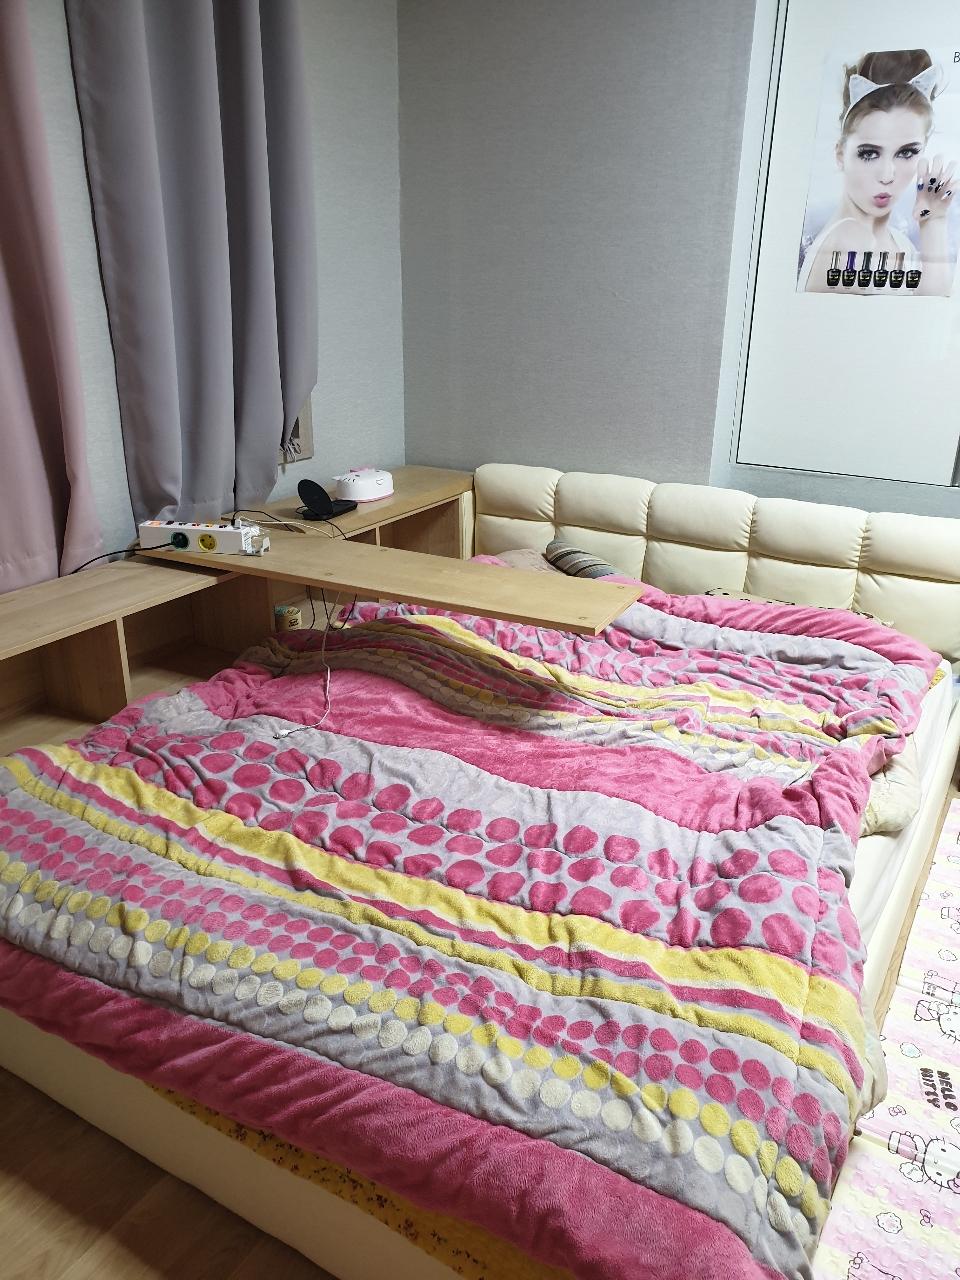 퀸사이즈 저상용 침대  (온풍매트포함)